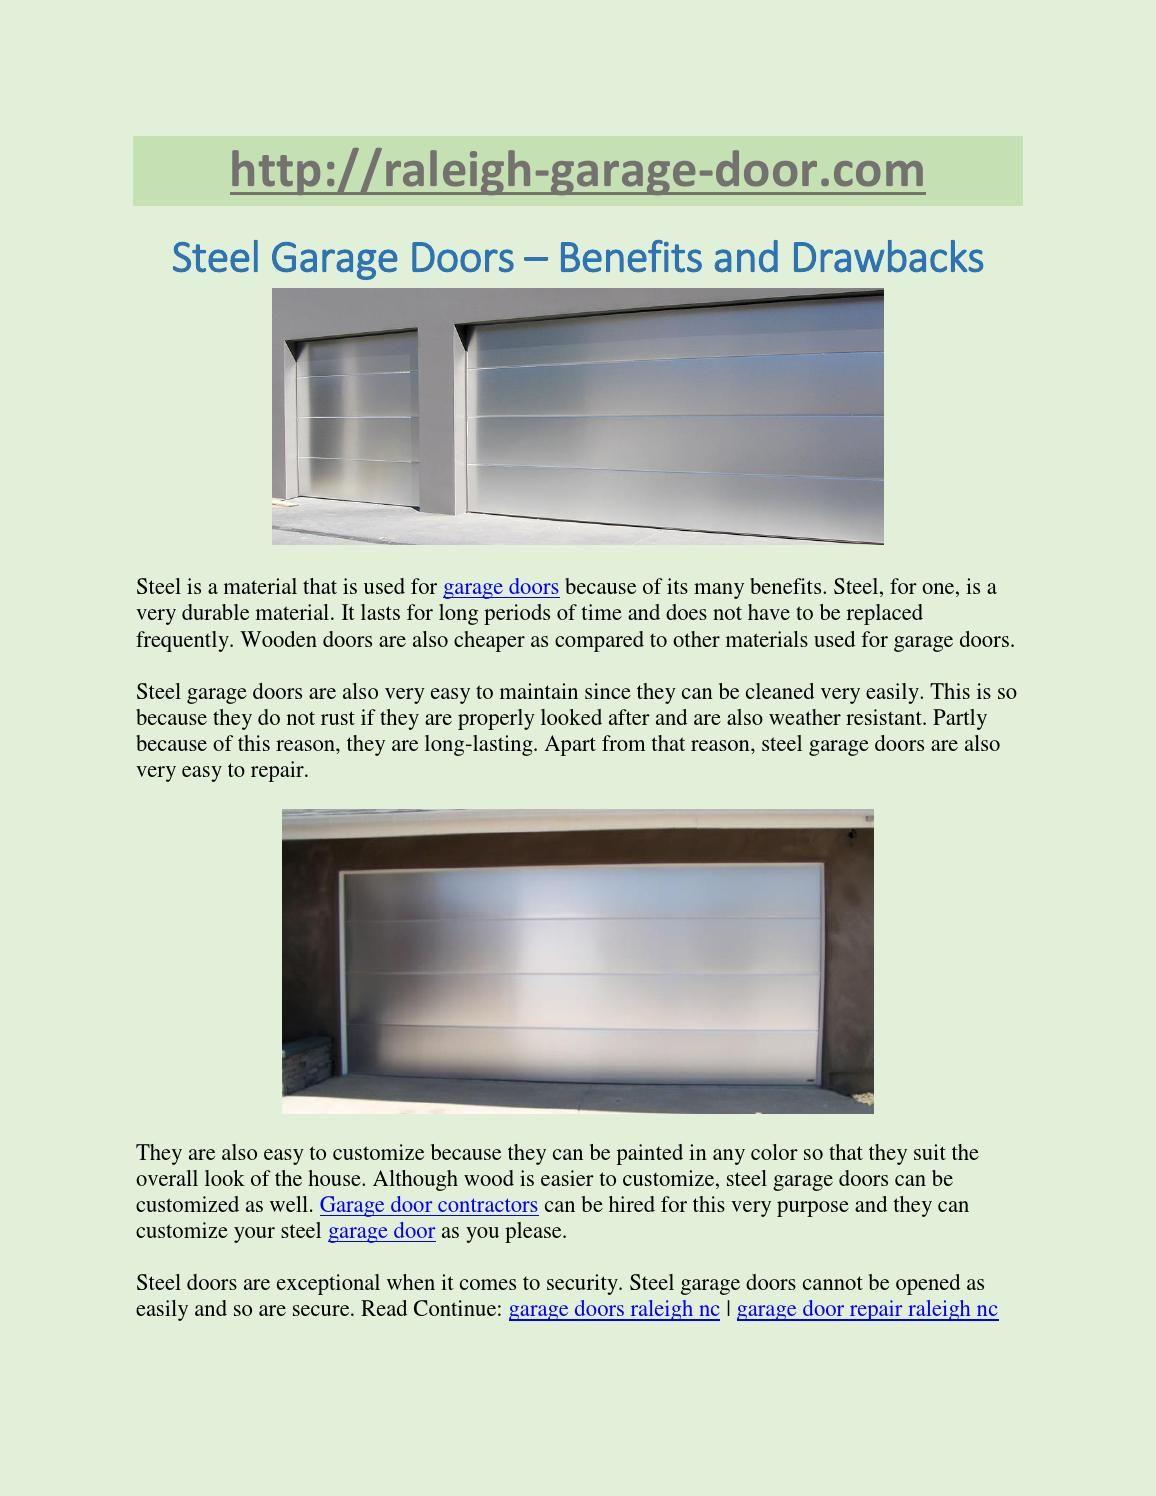 Steel Garage Doors Benefits And Drawbacks Steel Is A Material That Is Used For Garage Doors Because Of Its Many Steel Garage Doors Garage Doors Wooden Doors